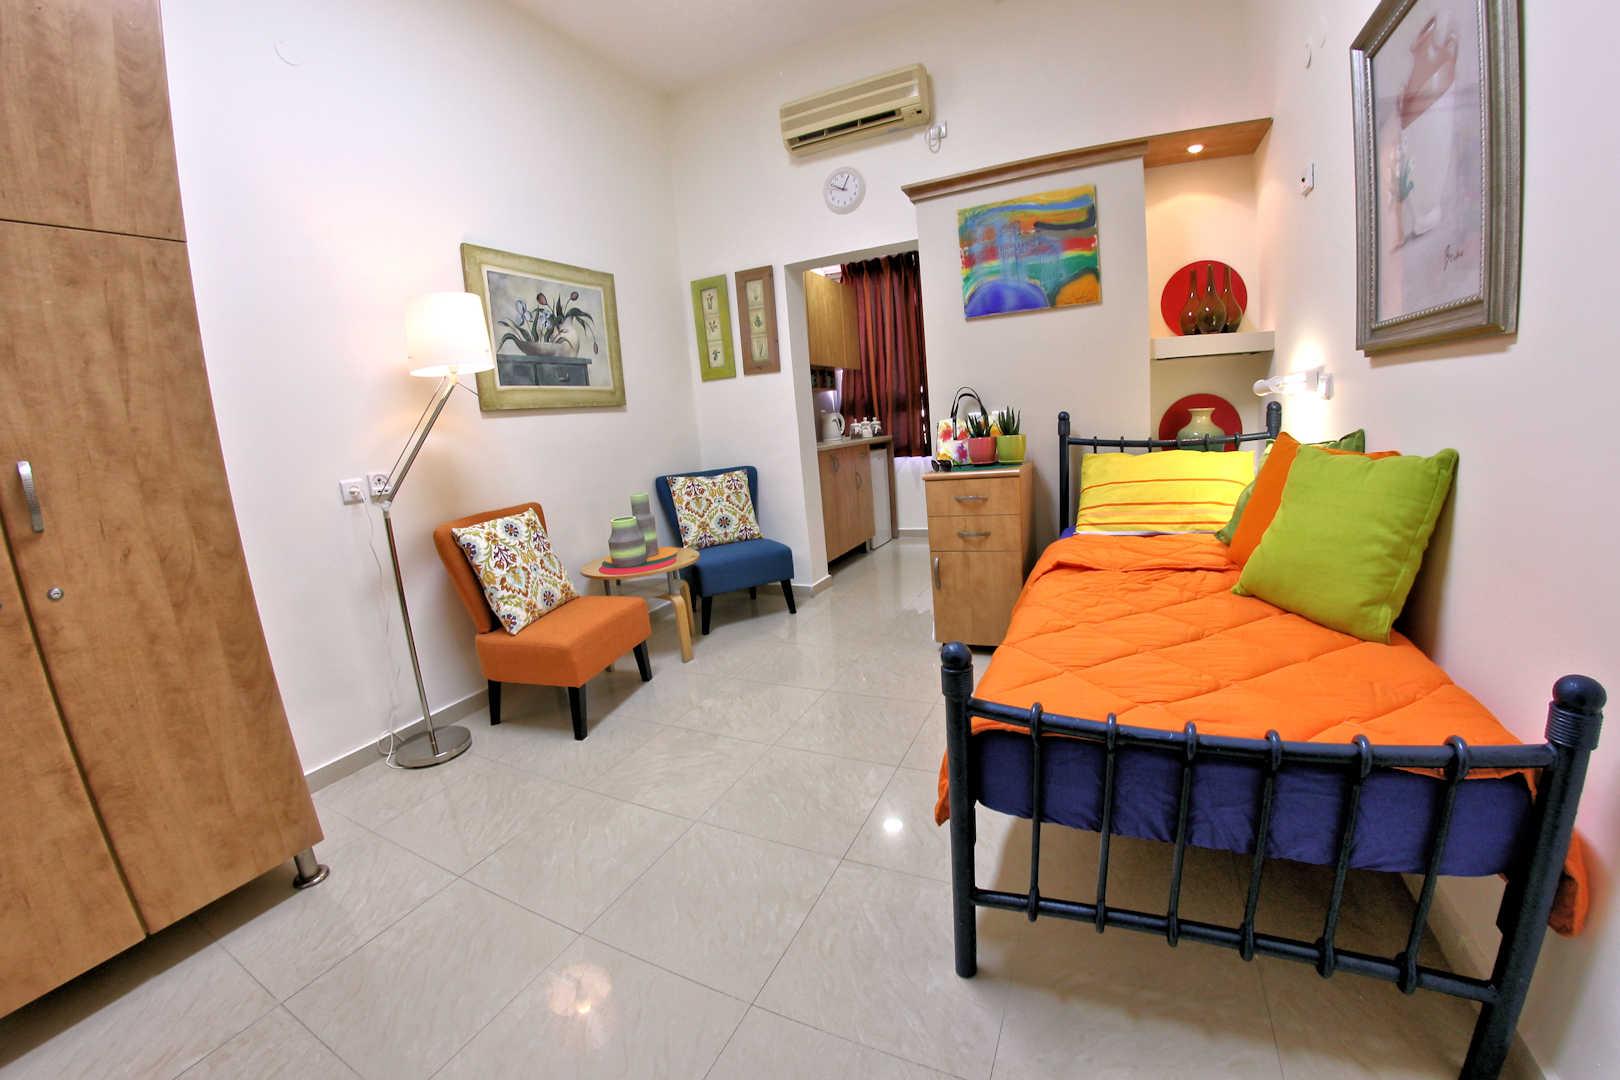 בית הורים בן יהודה בחיפה חדר